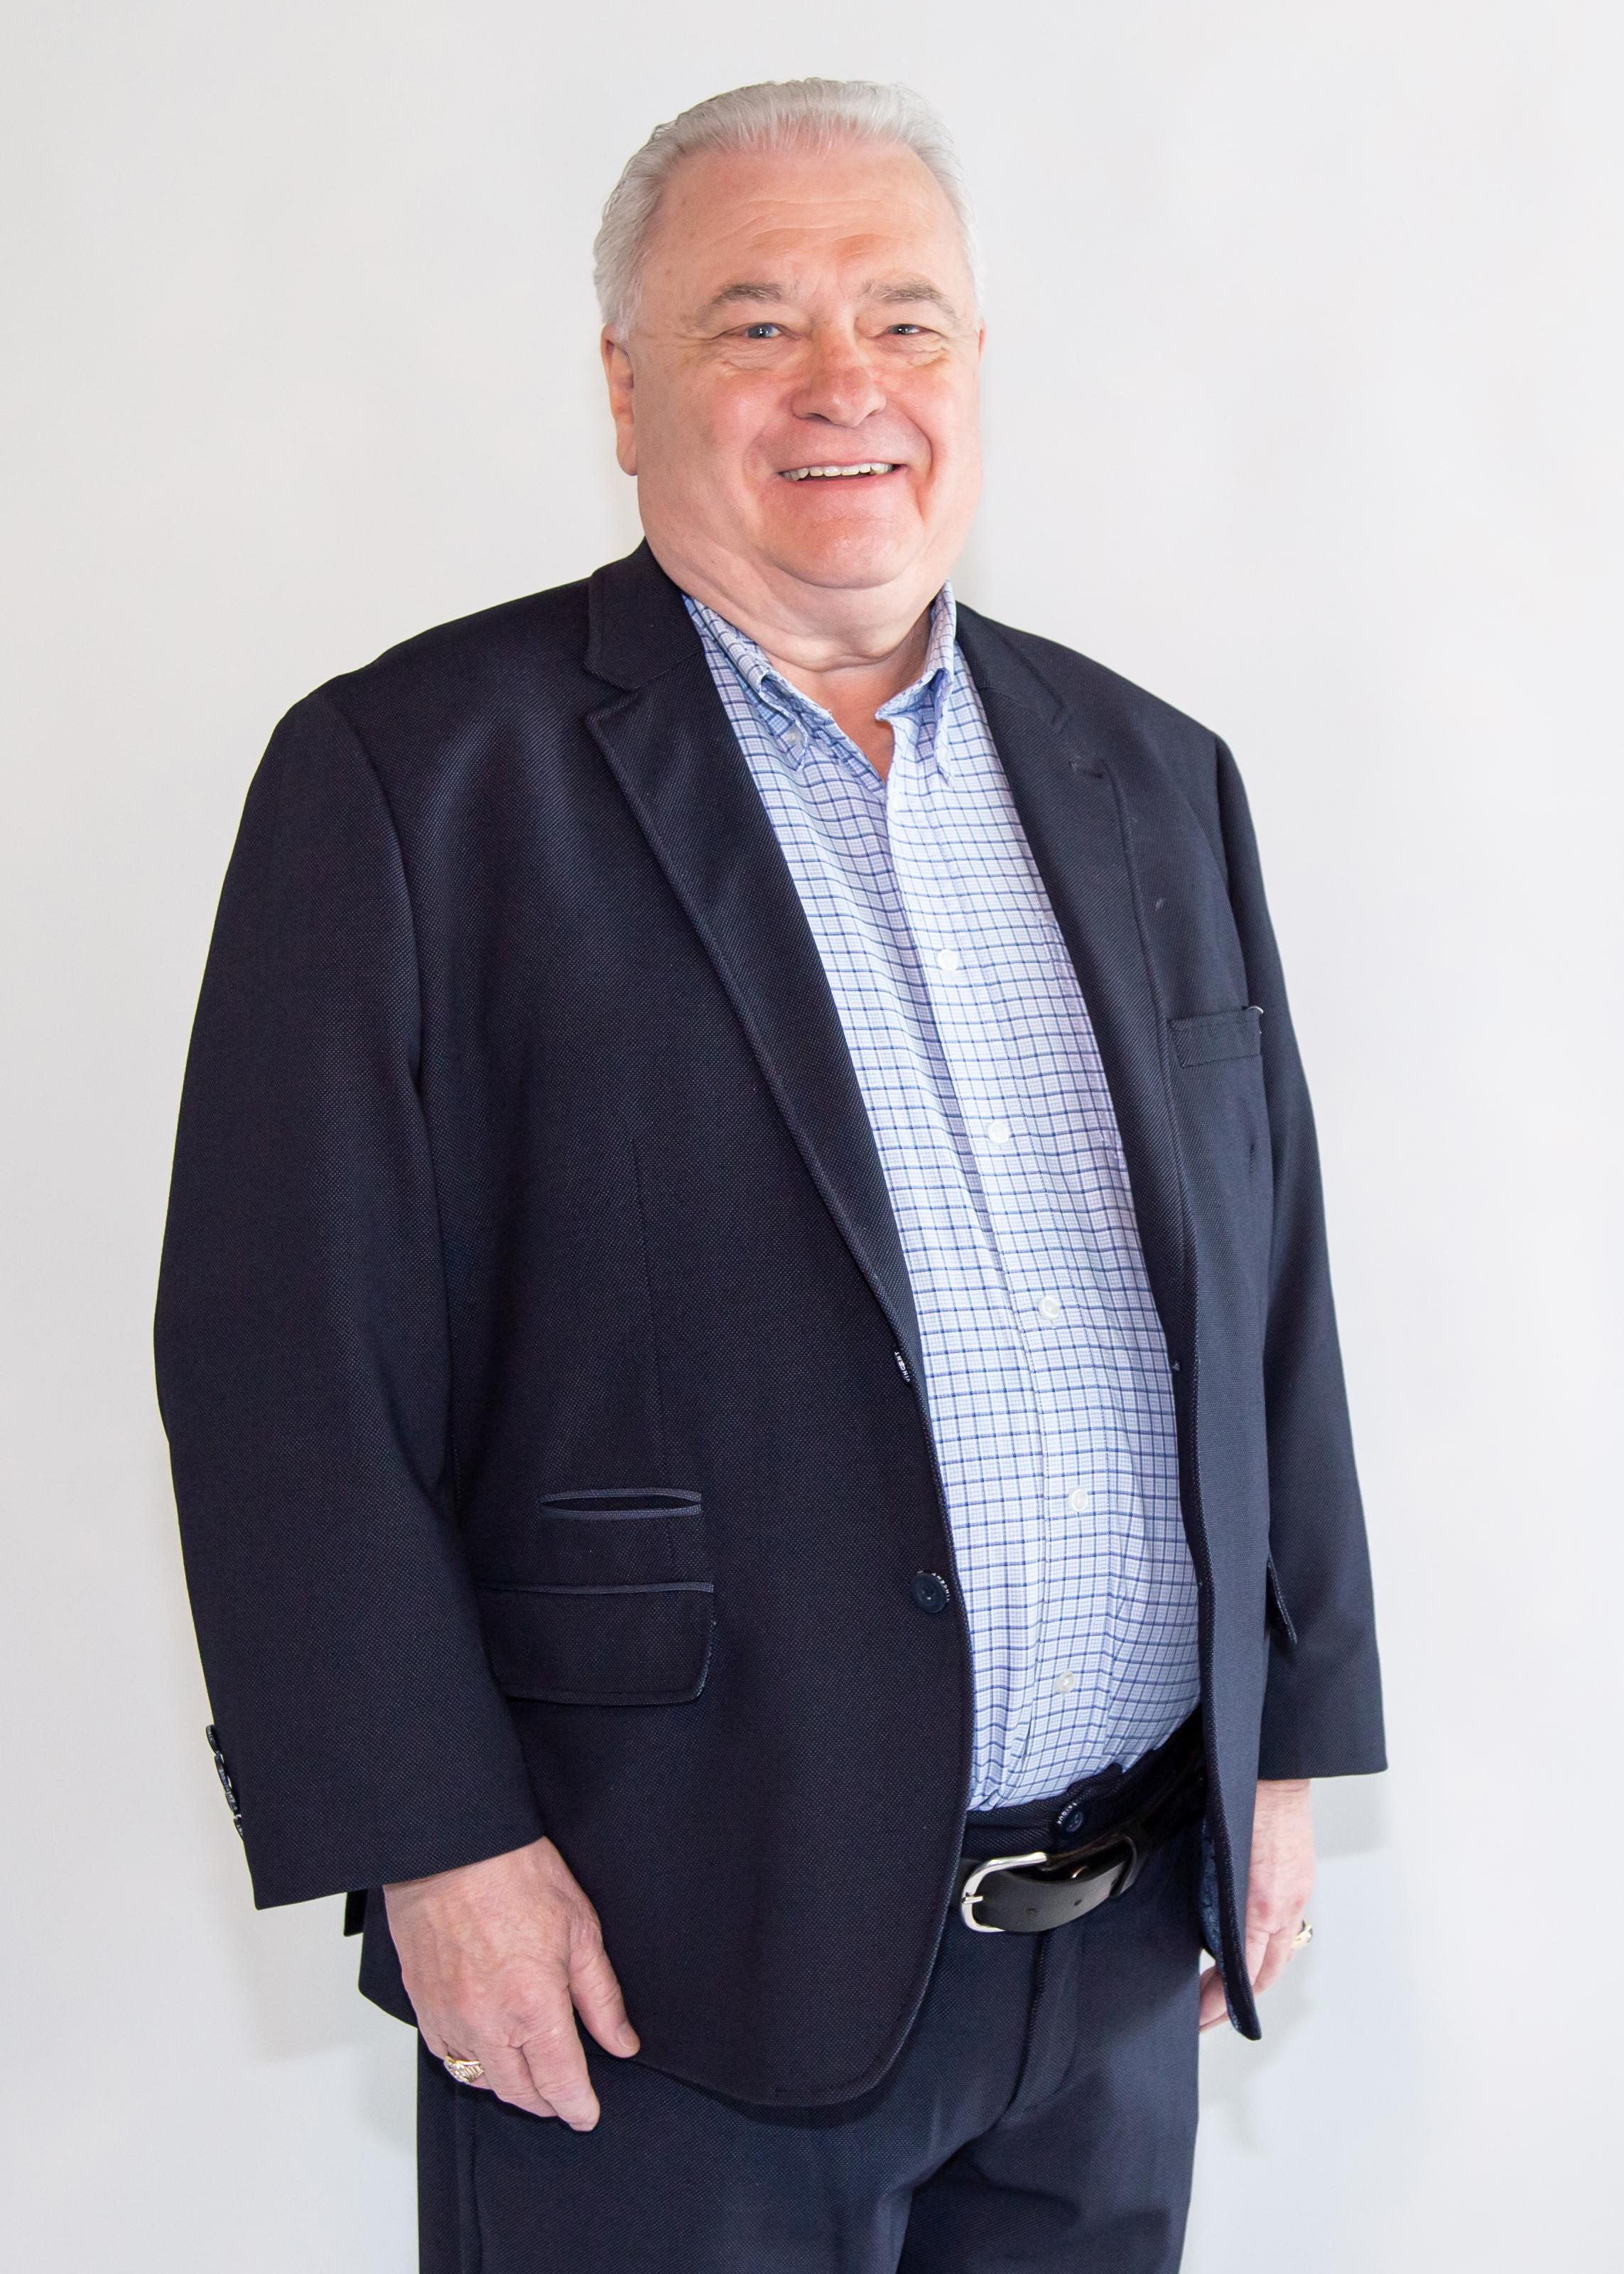 Un quatrième candidat pour l'équipe Beloeil c'est Nous! Claude Lebrun se présente dans le District 5 Du Vieux-Beloeil